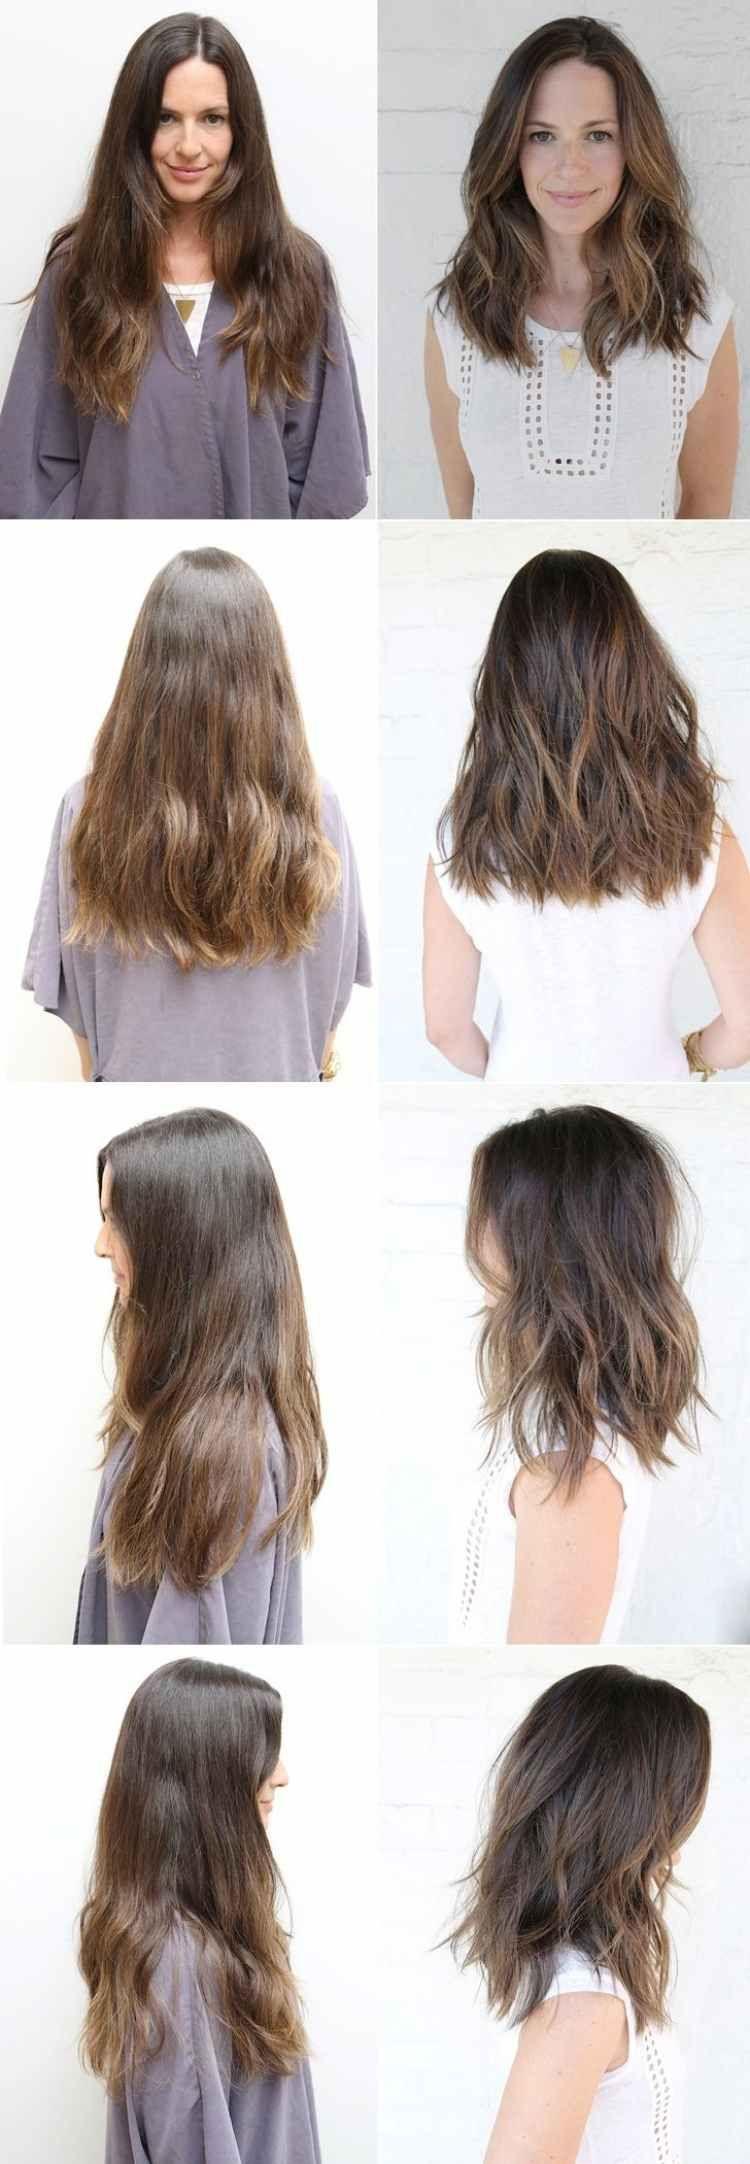 Bob frisur oder lange haare